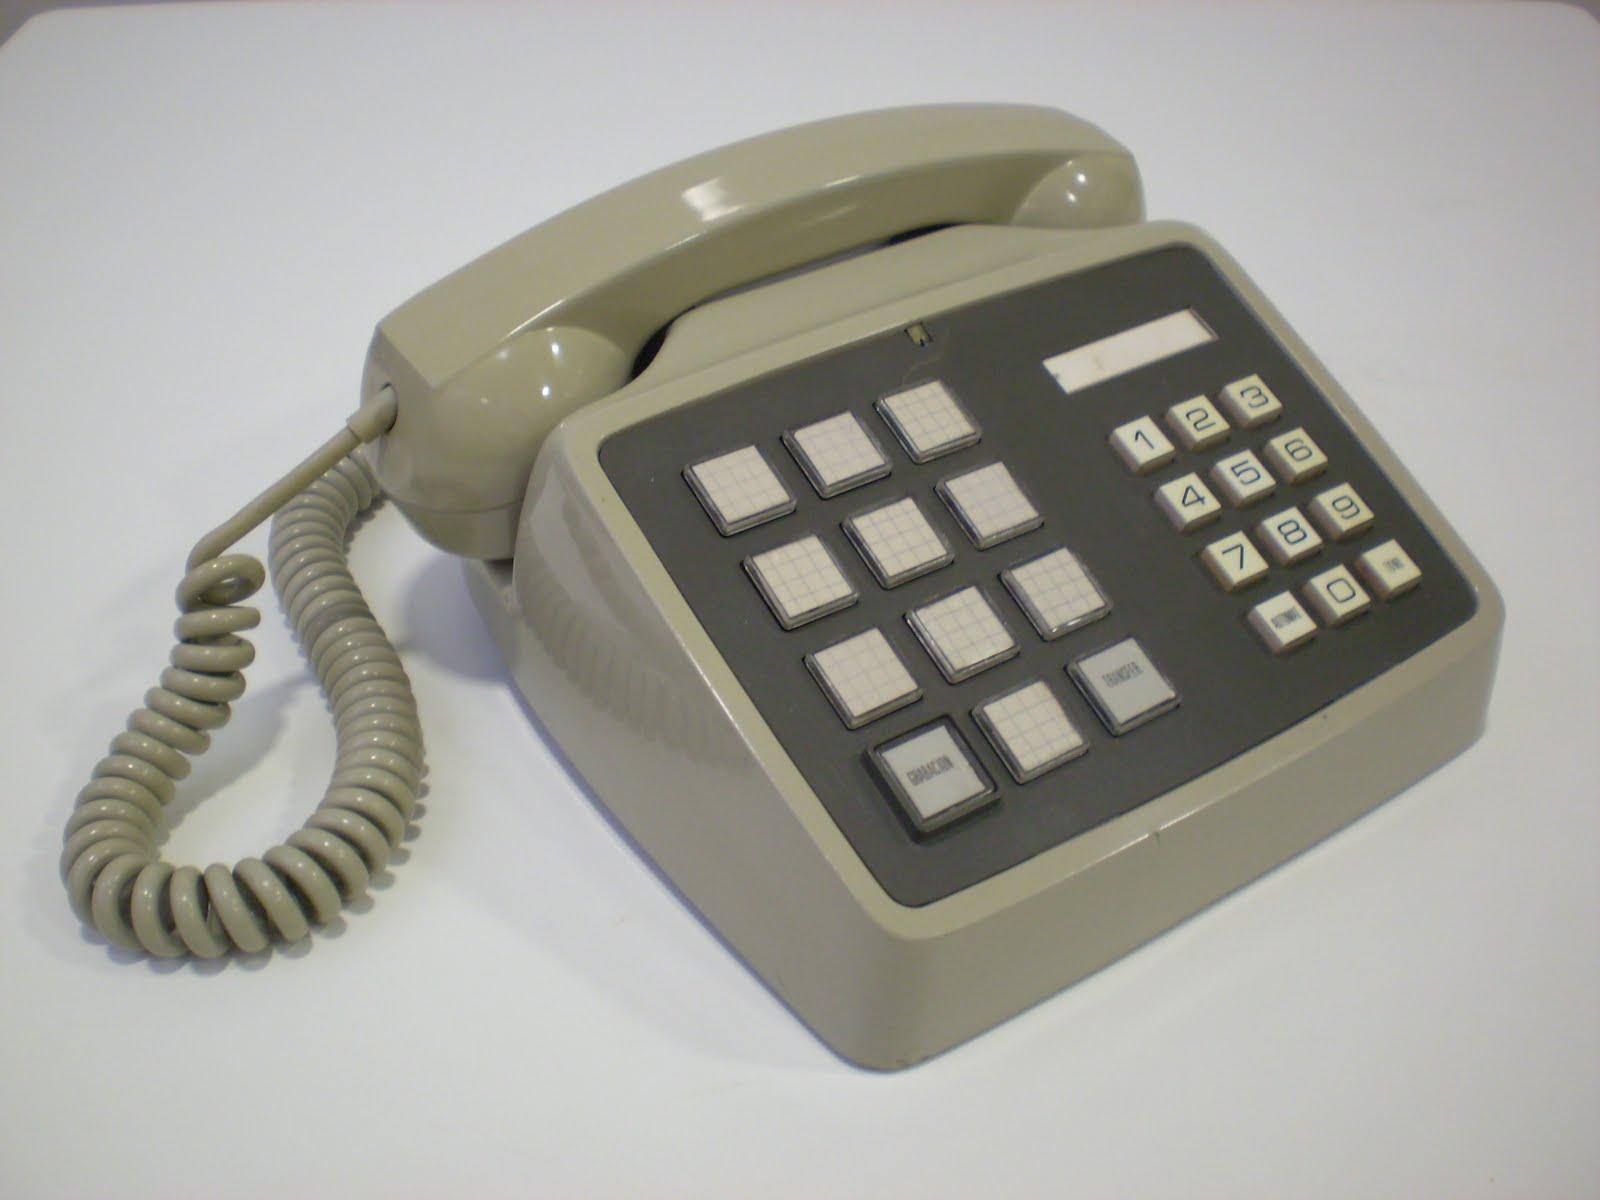 Antig edades urbanas todos los tel fonos de telef nica for Telefono de oficinas